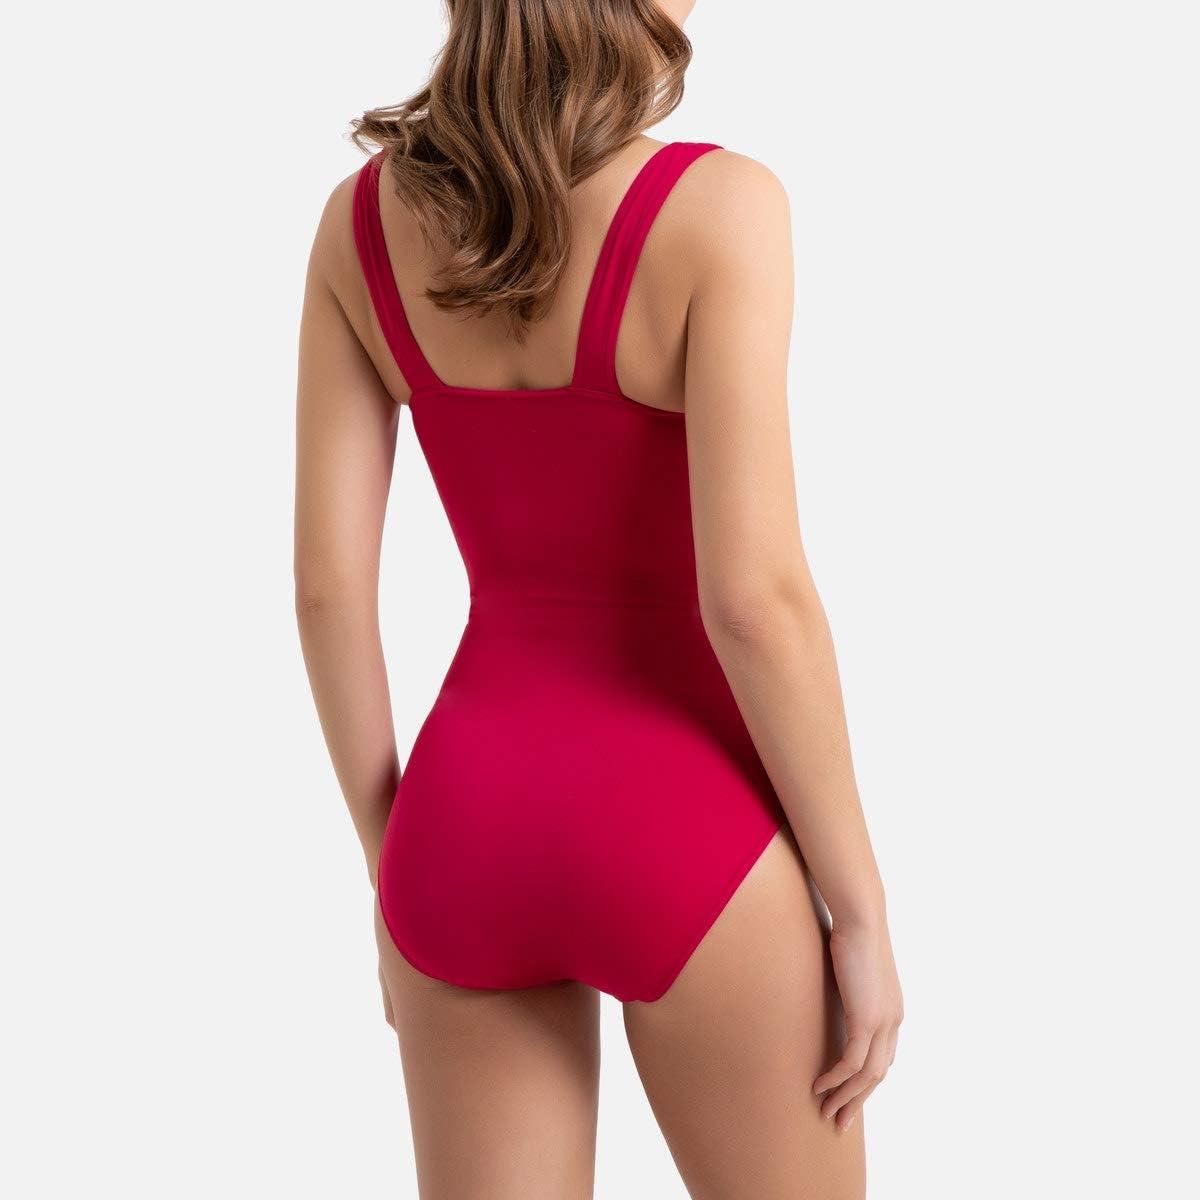 La Redoute Womens Bodyshaping Draped Padded Swimsuit